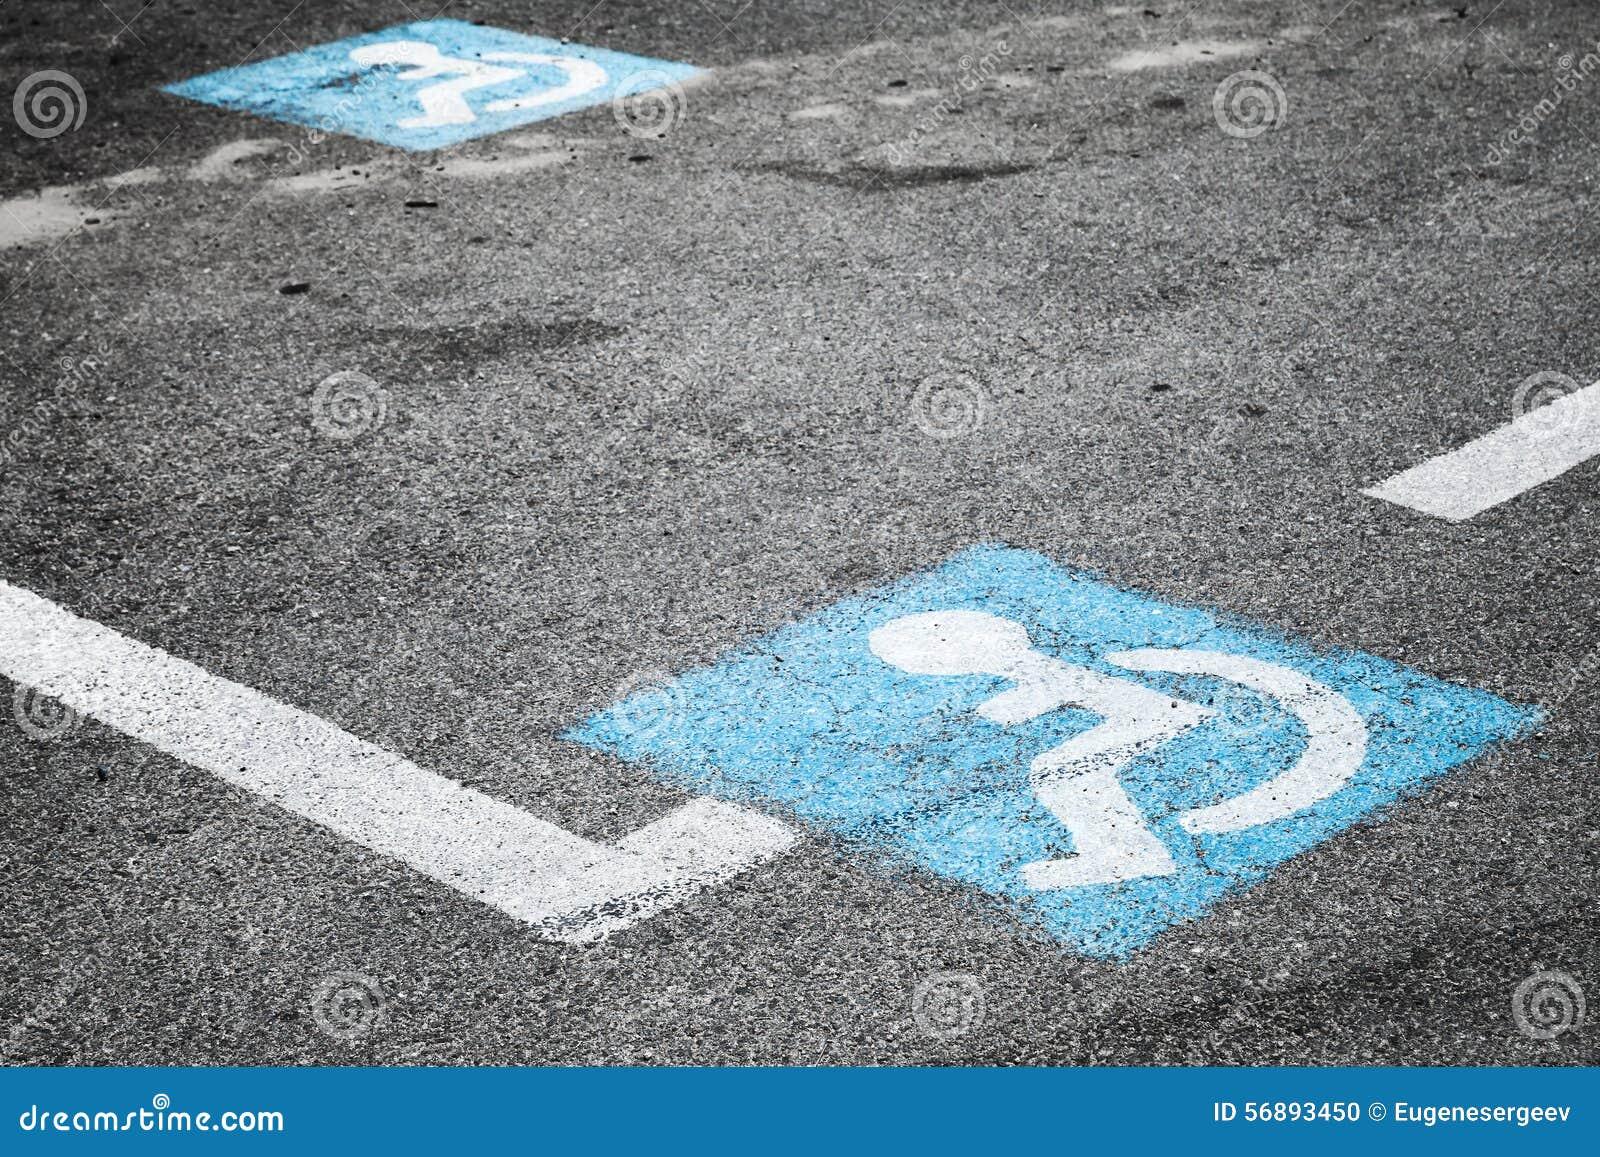 Fahrbahnmarkierung des Platzes für behinderte Personen